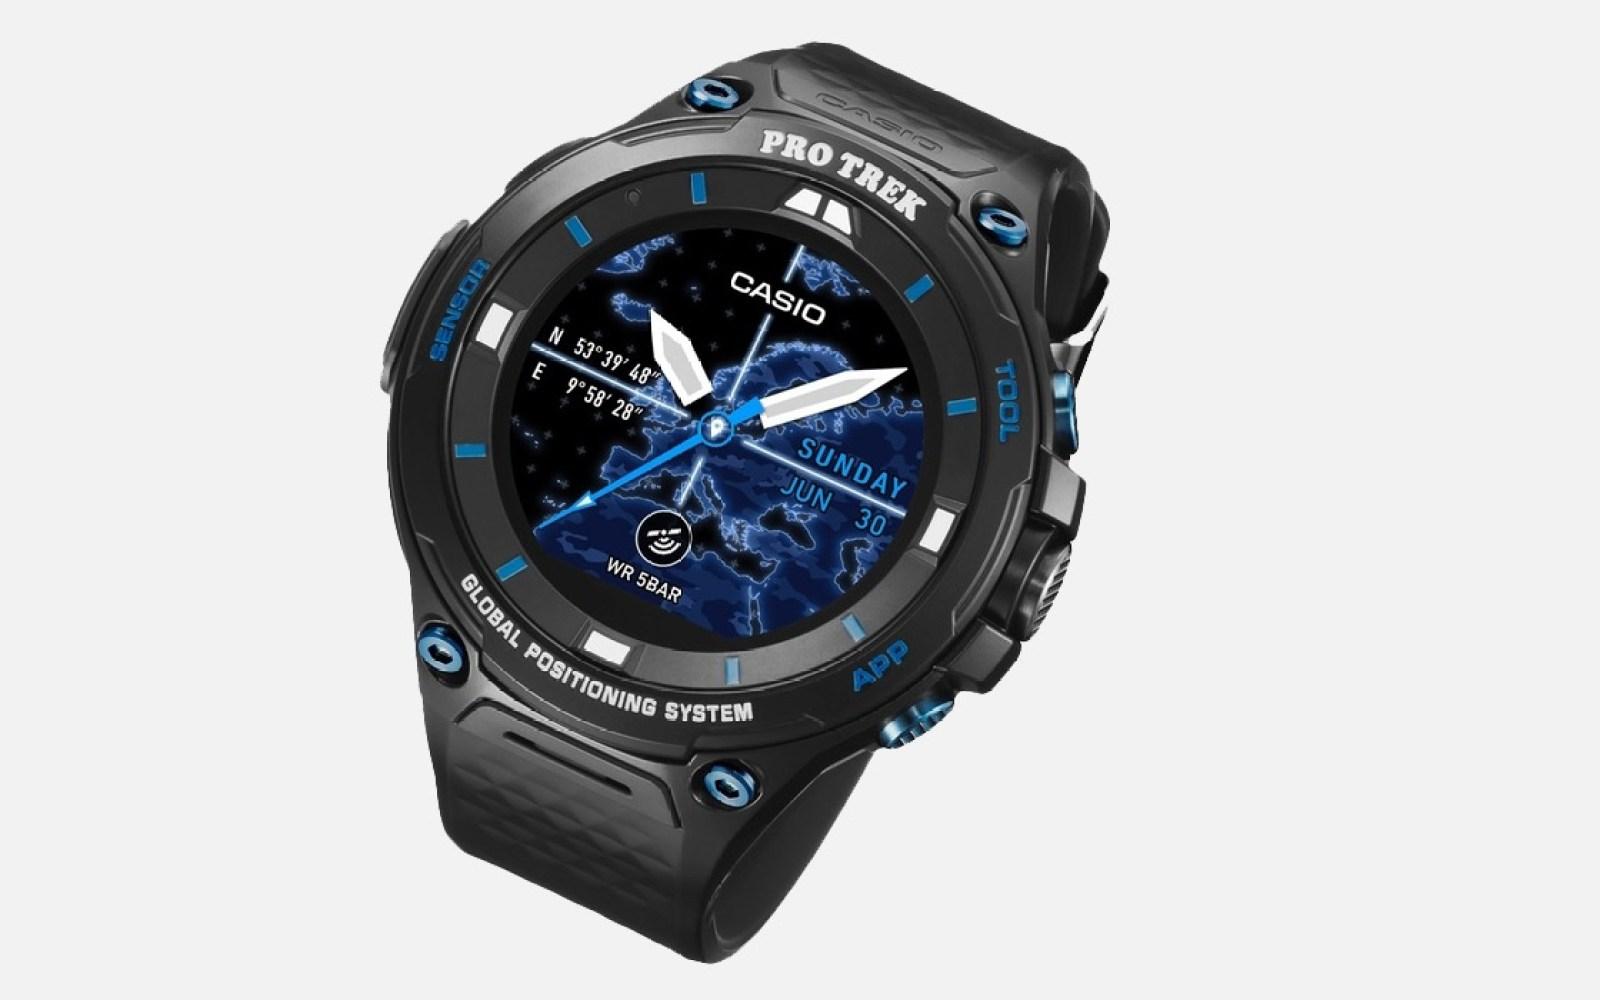 Вы можете купить наручные смарт часы casio по выгодной цене в интернет-магазине bestwatch.